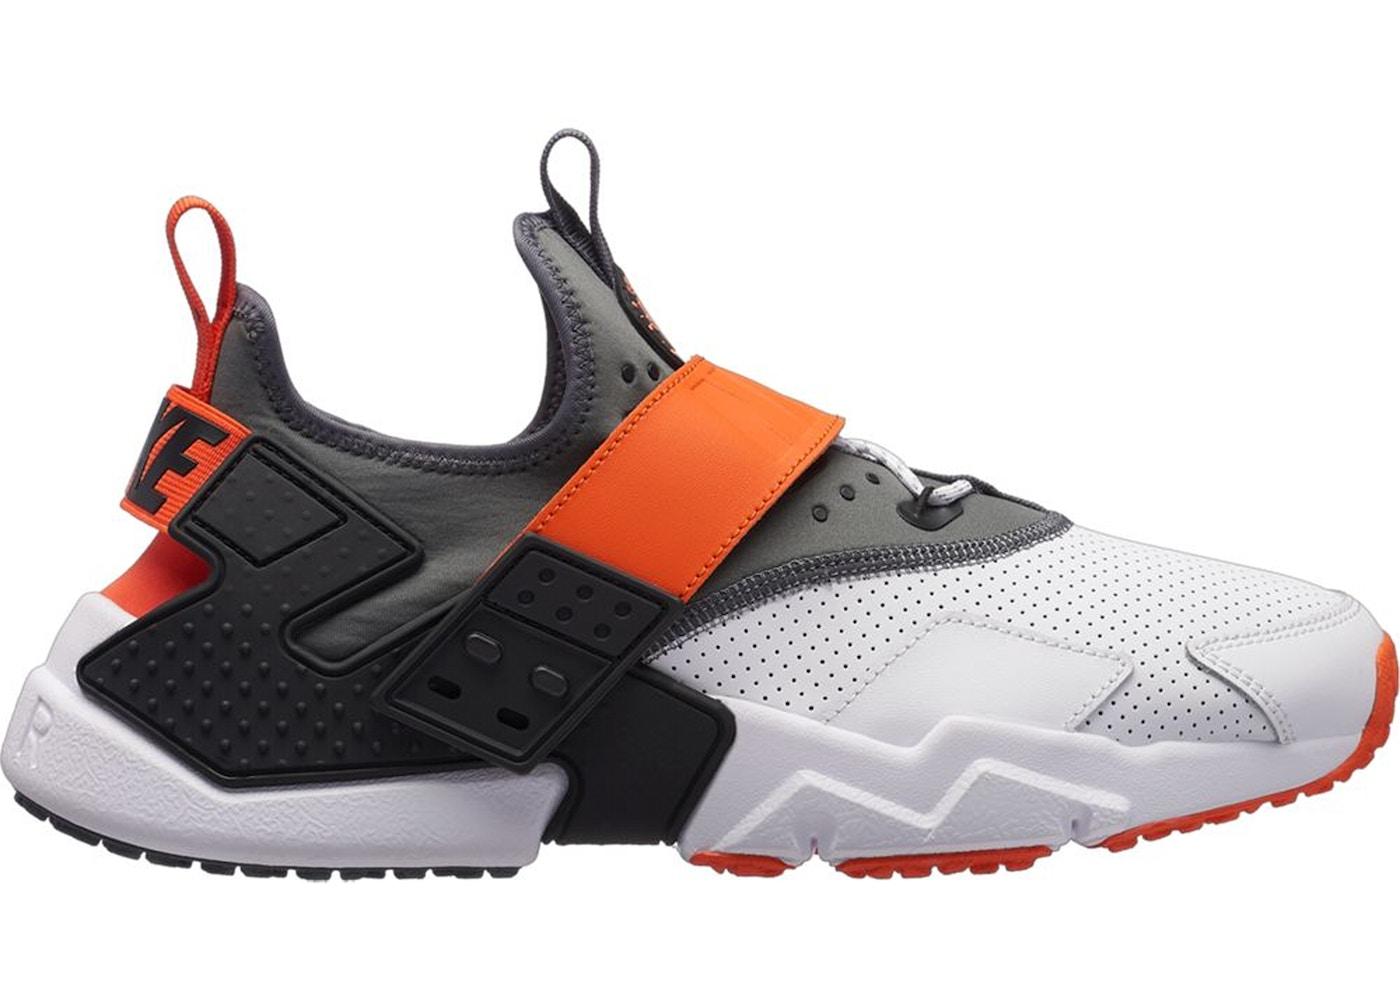 Nike Air Huarache arancione